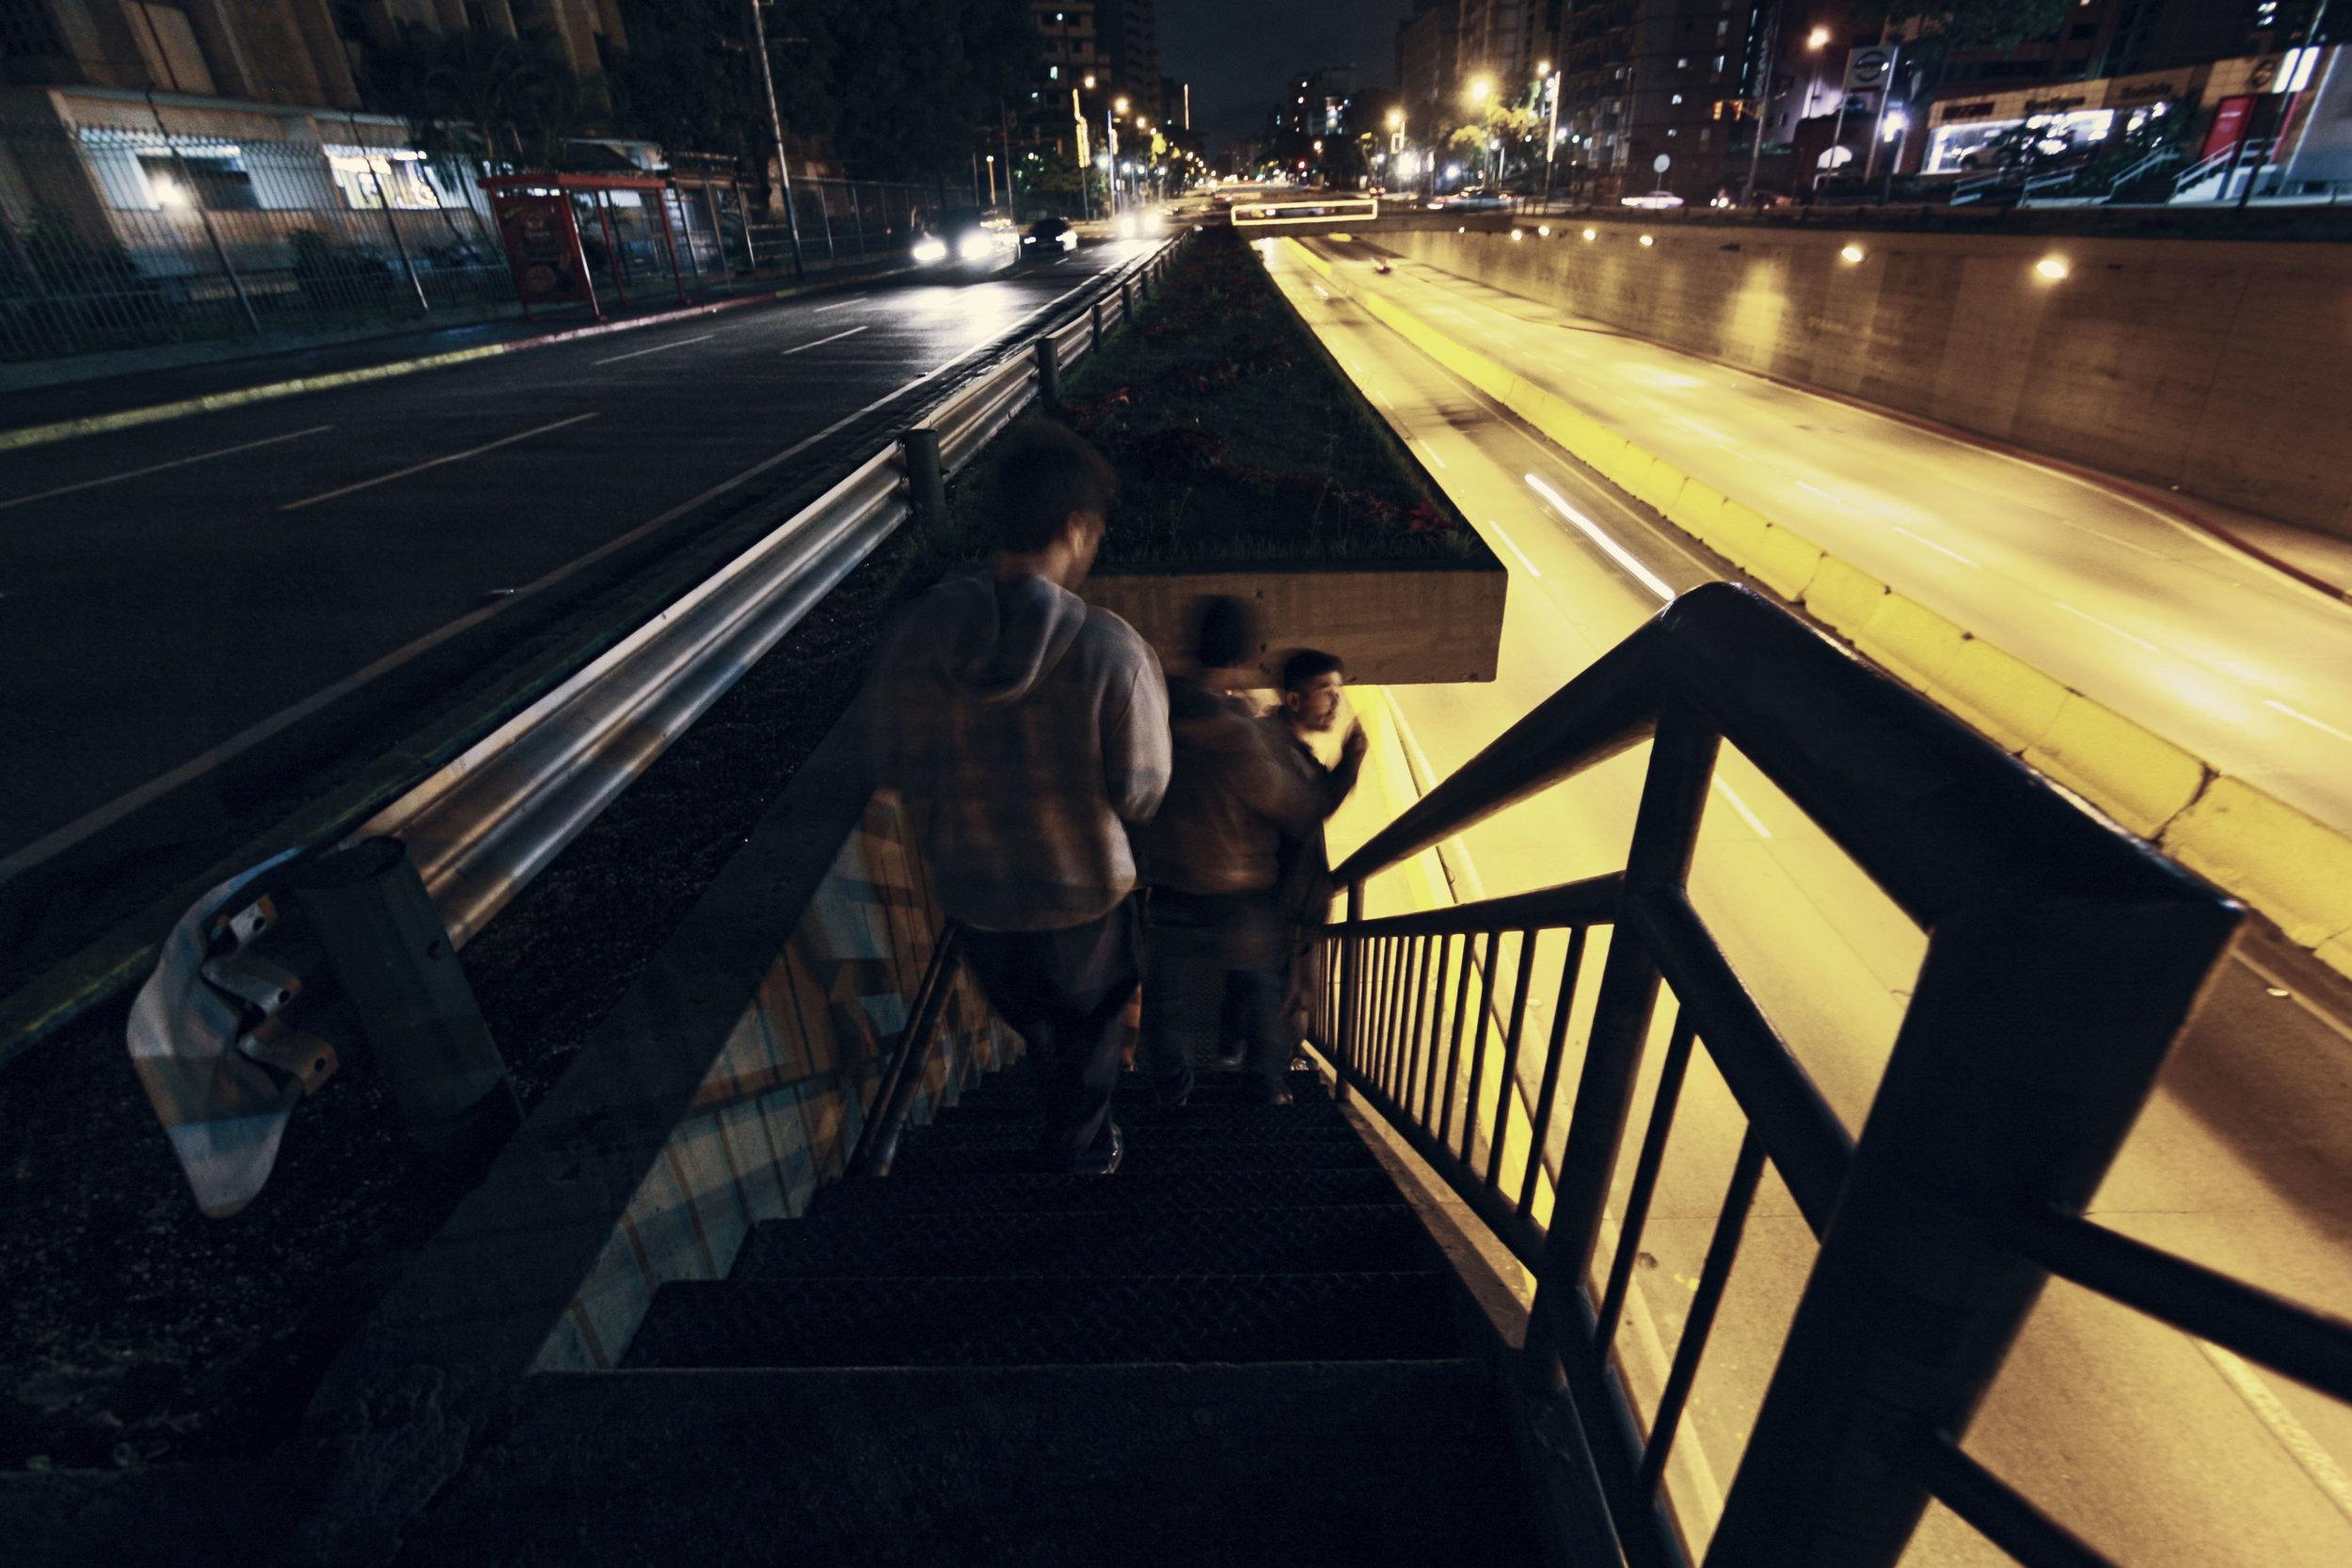 Loureiro_Caracas by Night_43.jpg